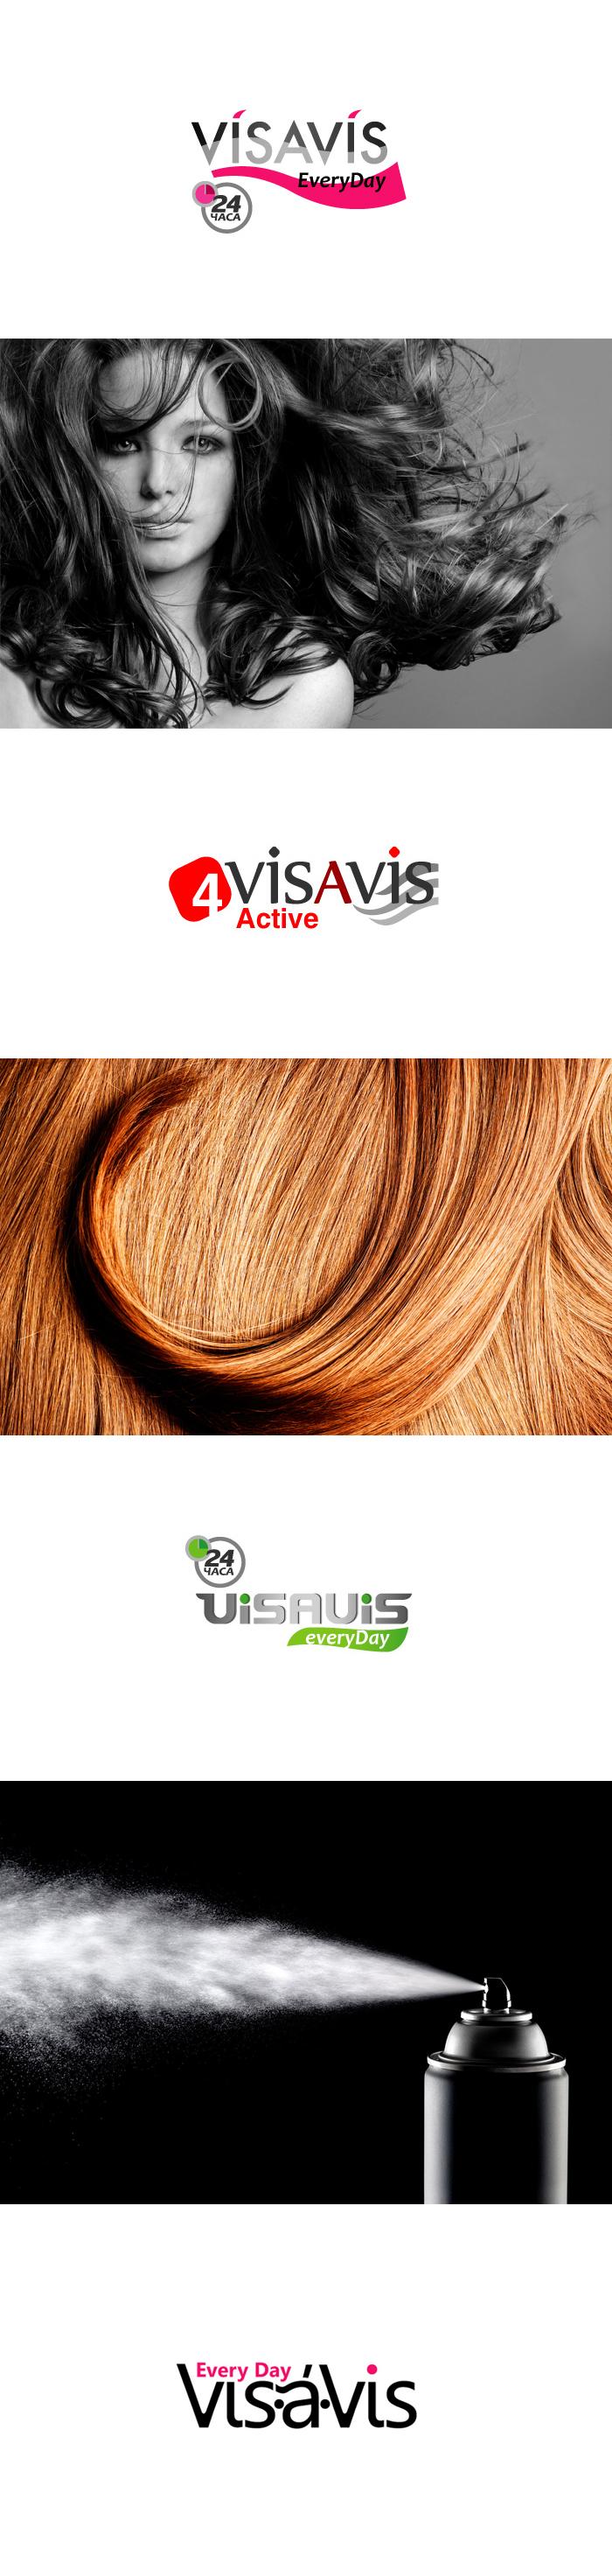 """Варианты логотипа для ТМ """"Vis-a-vis"""" (лаки и пены для волос)"""